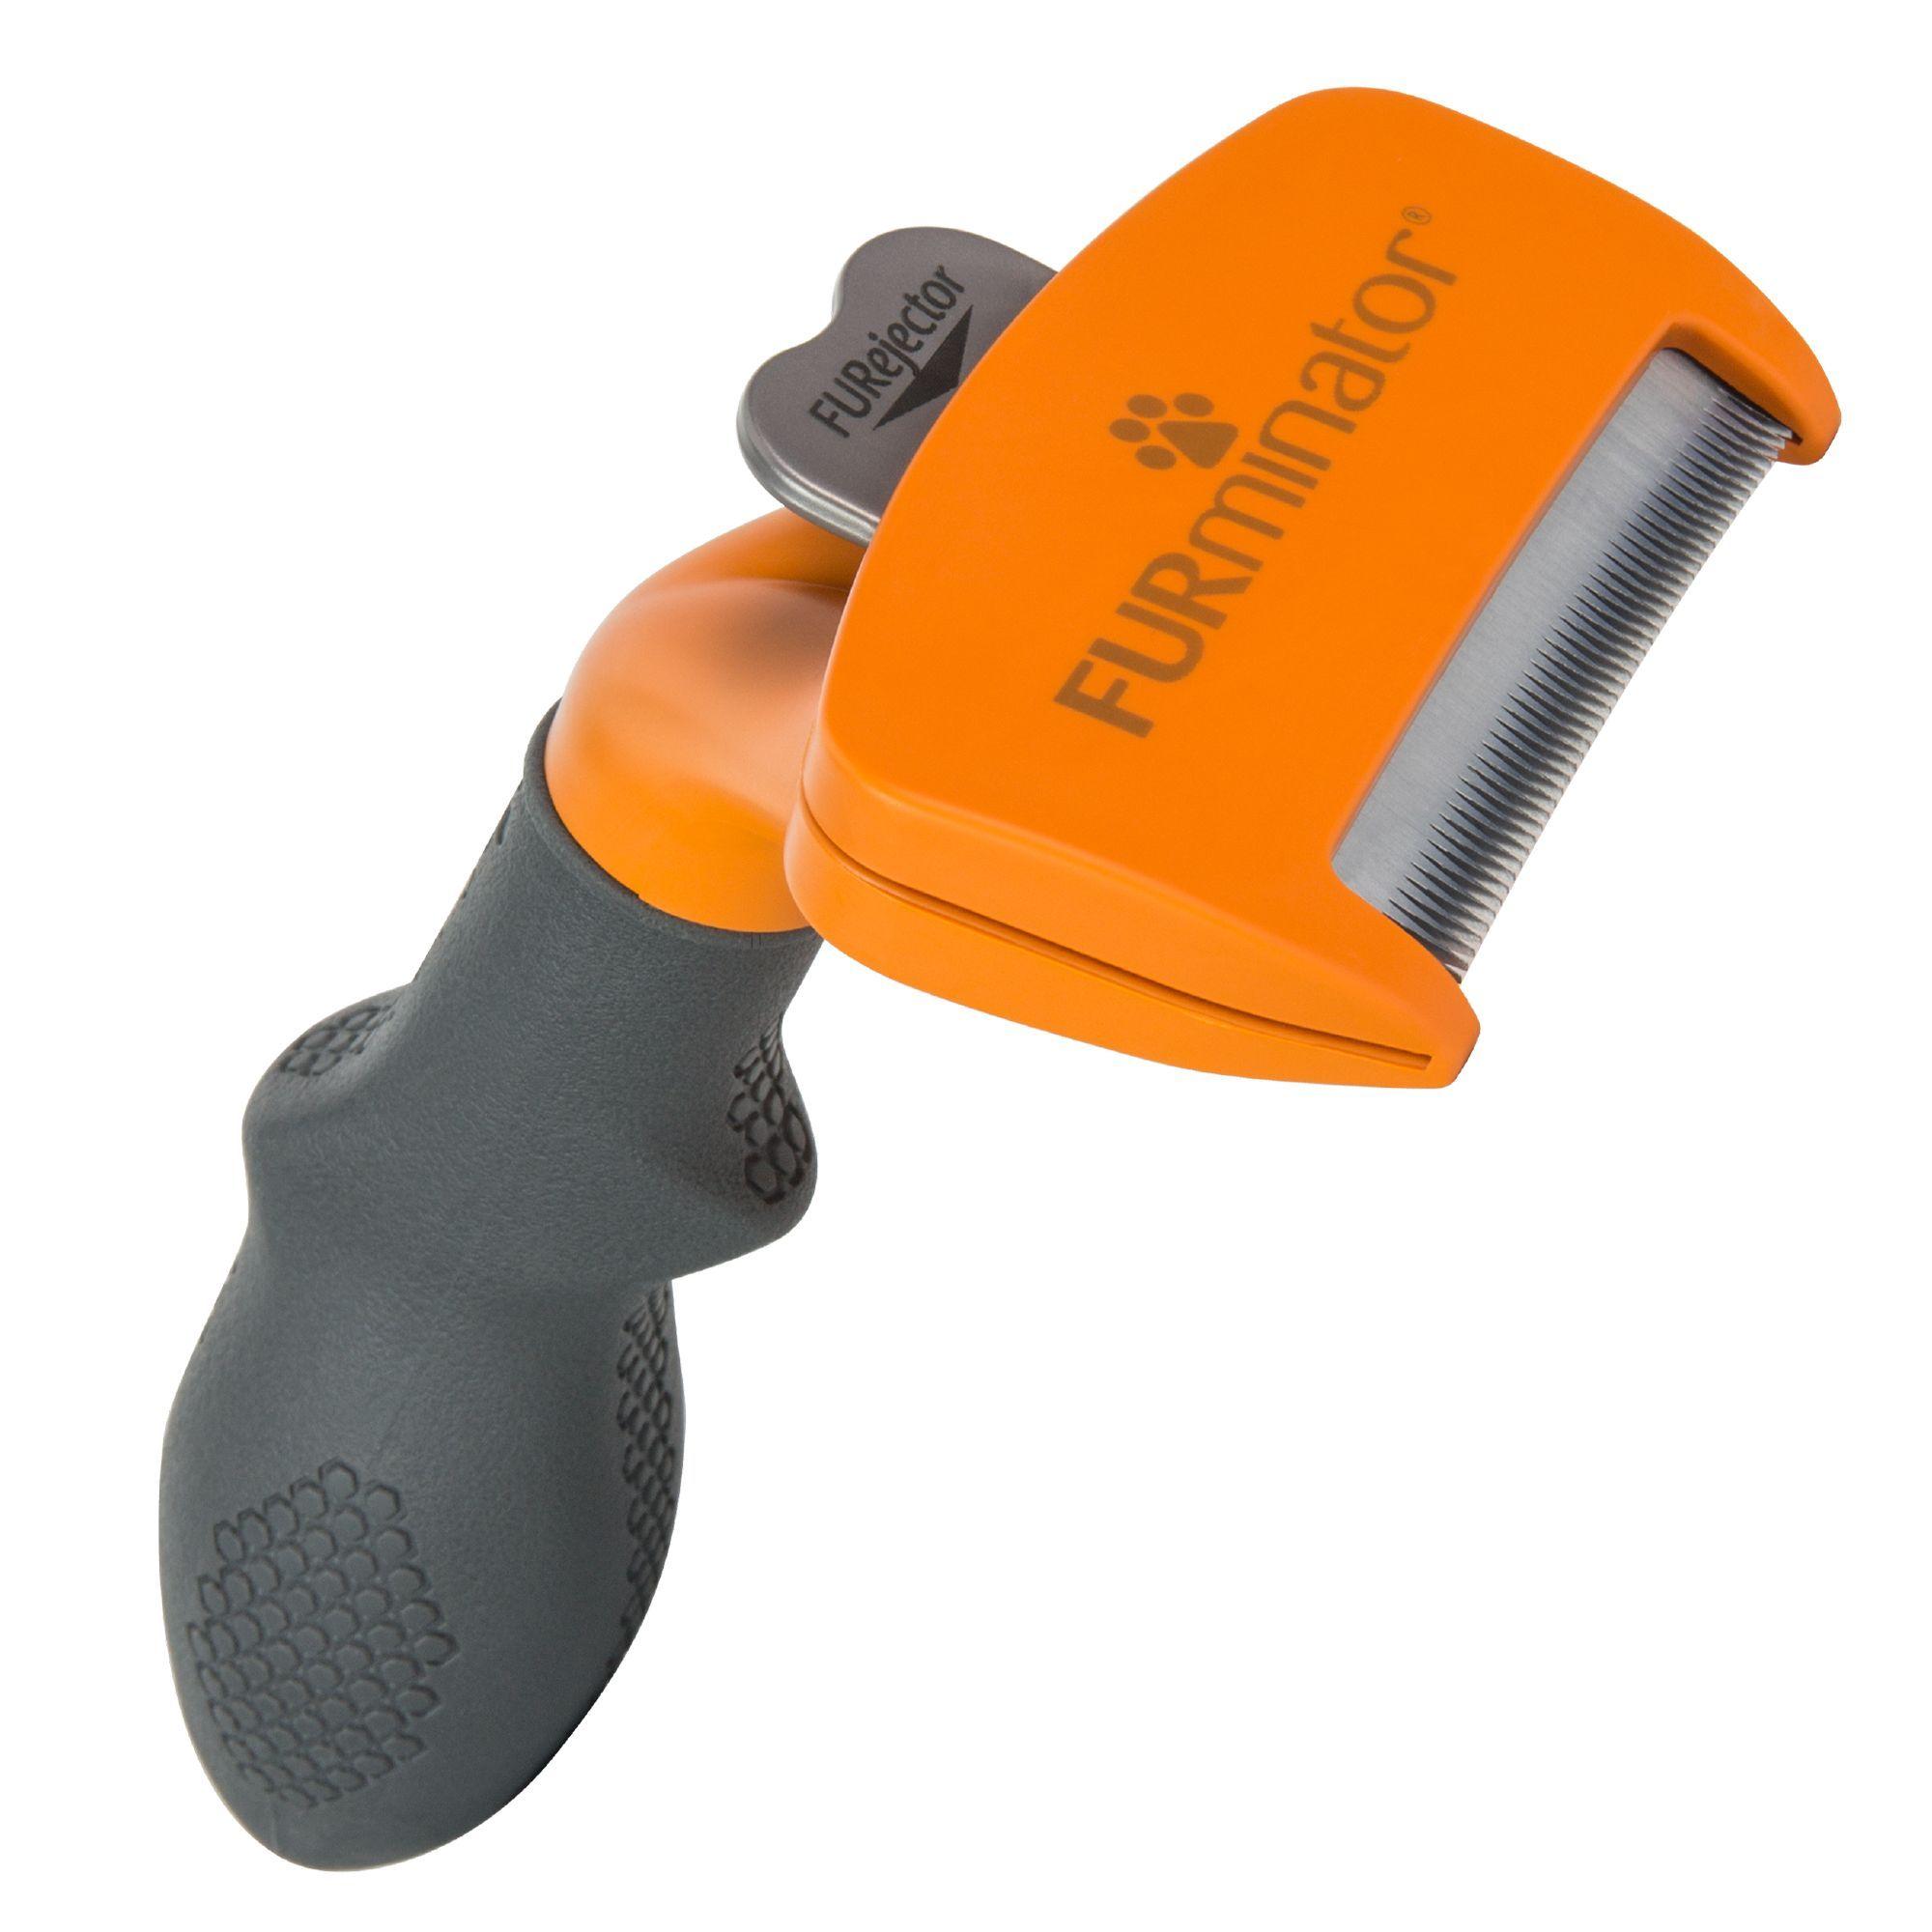 FURminator® Short Hair Undercoat deShedding Dog Tool